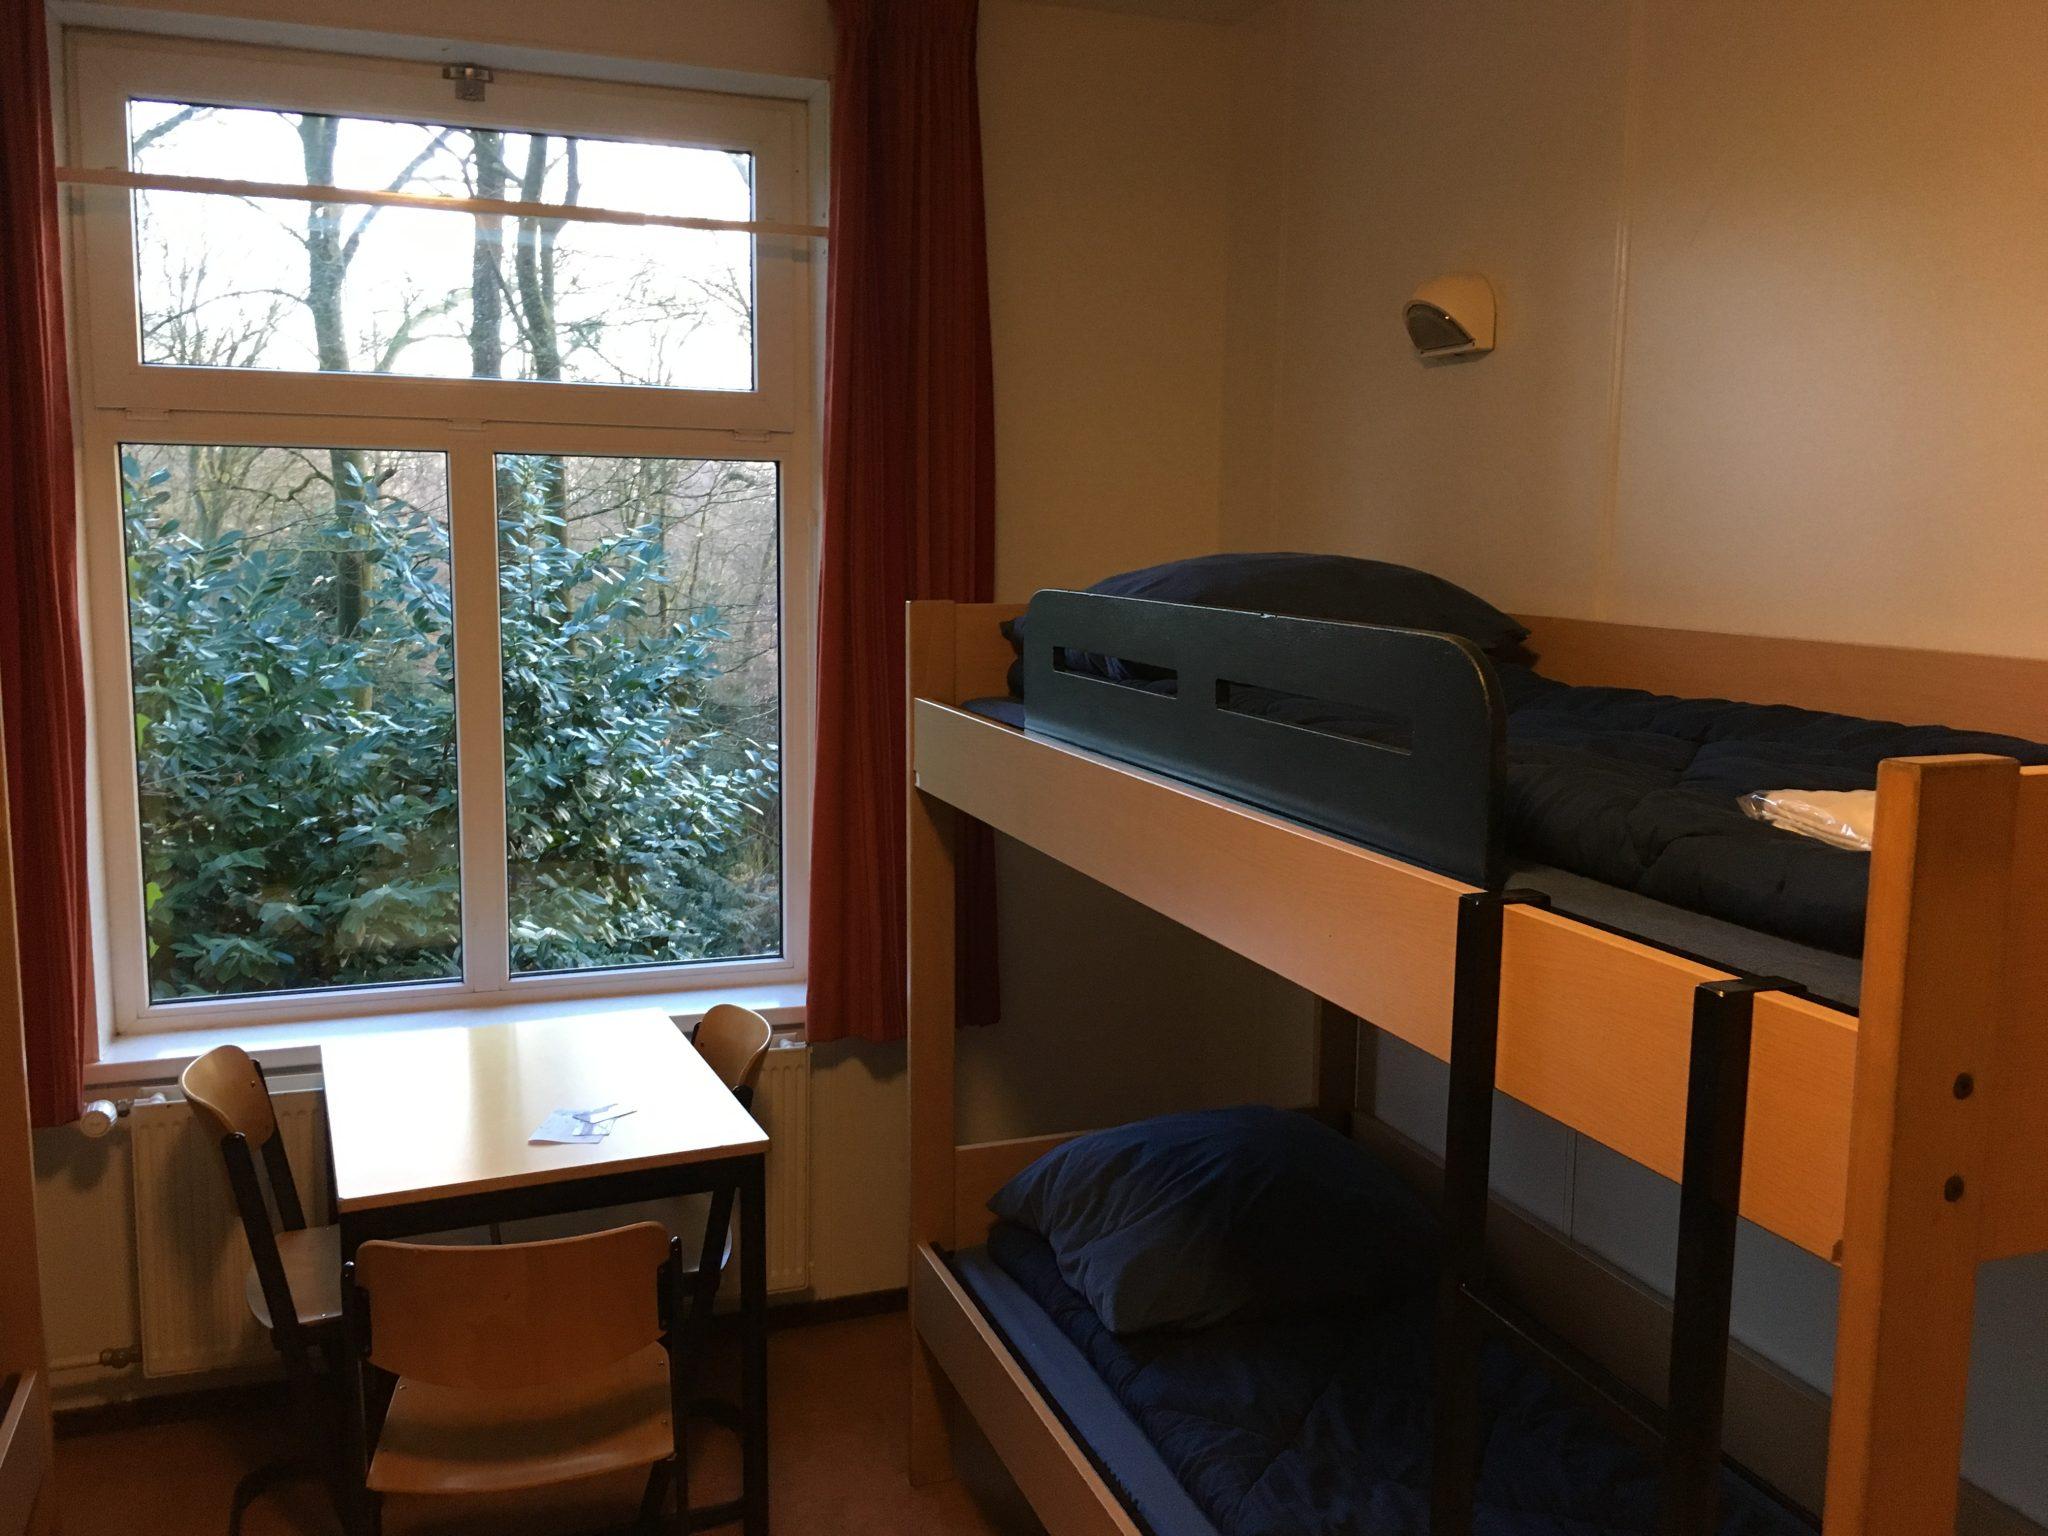 f0a18687dc2 Overnachten in Stayokay Arnhem met kinderen. - Avonturen Sparen